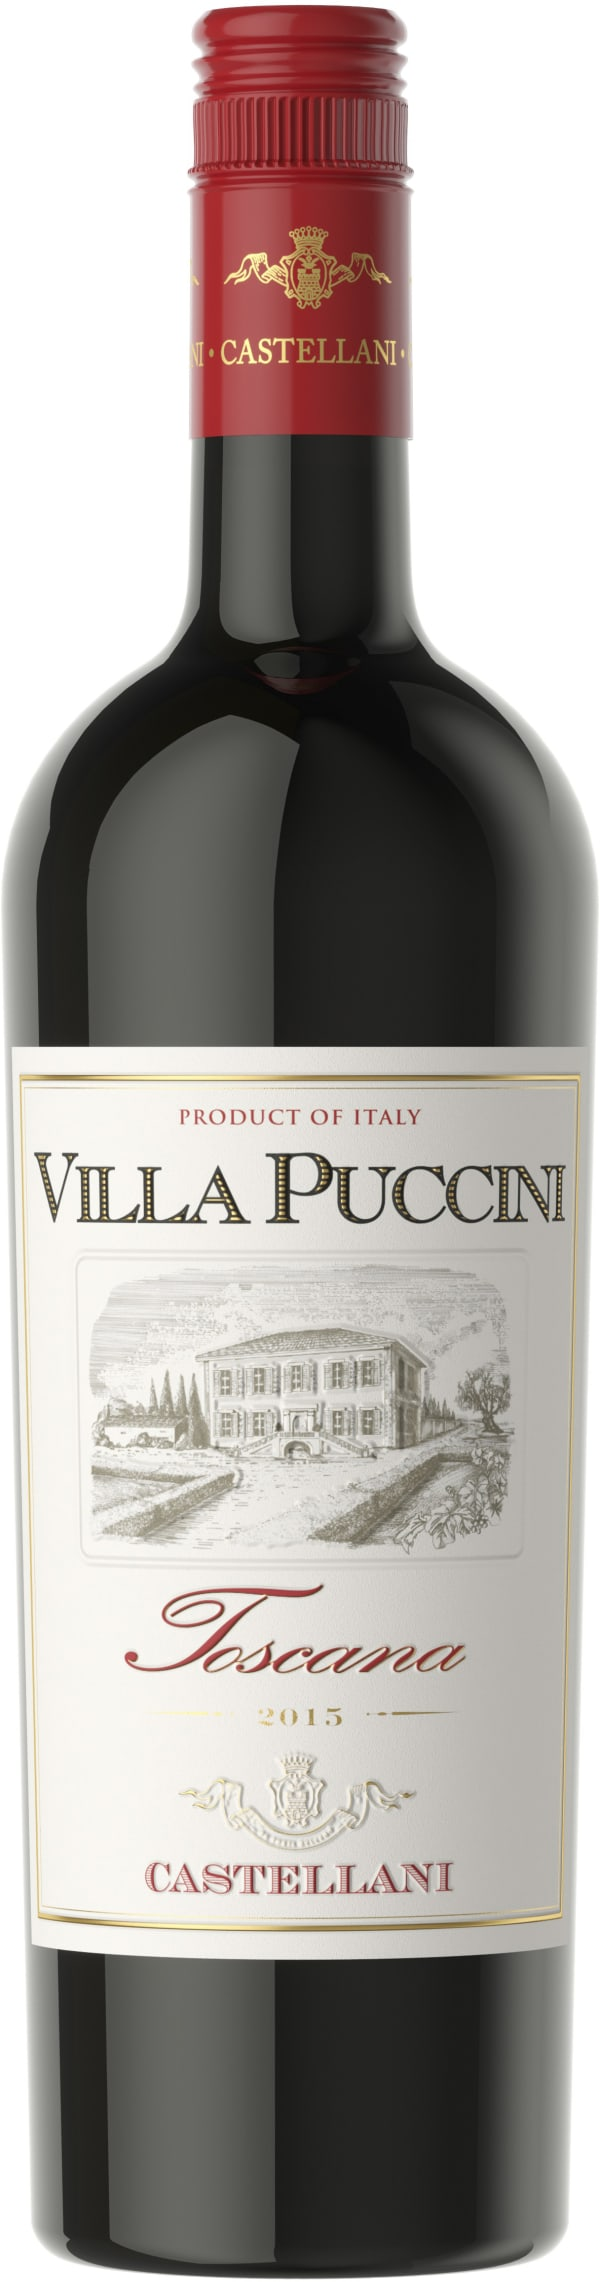 Castellani Villa Puccini 2014